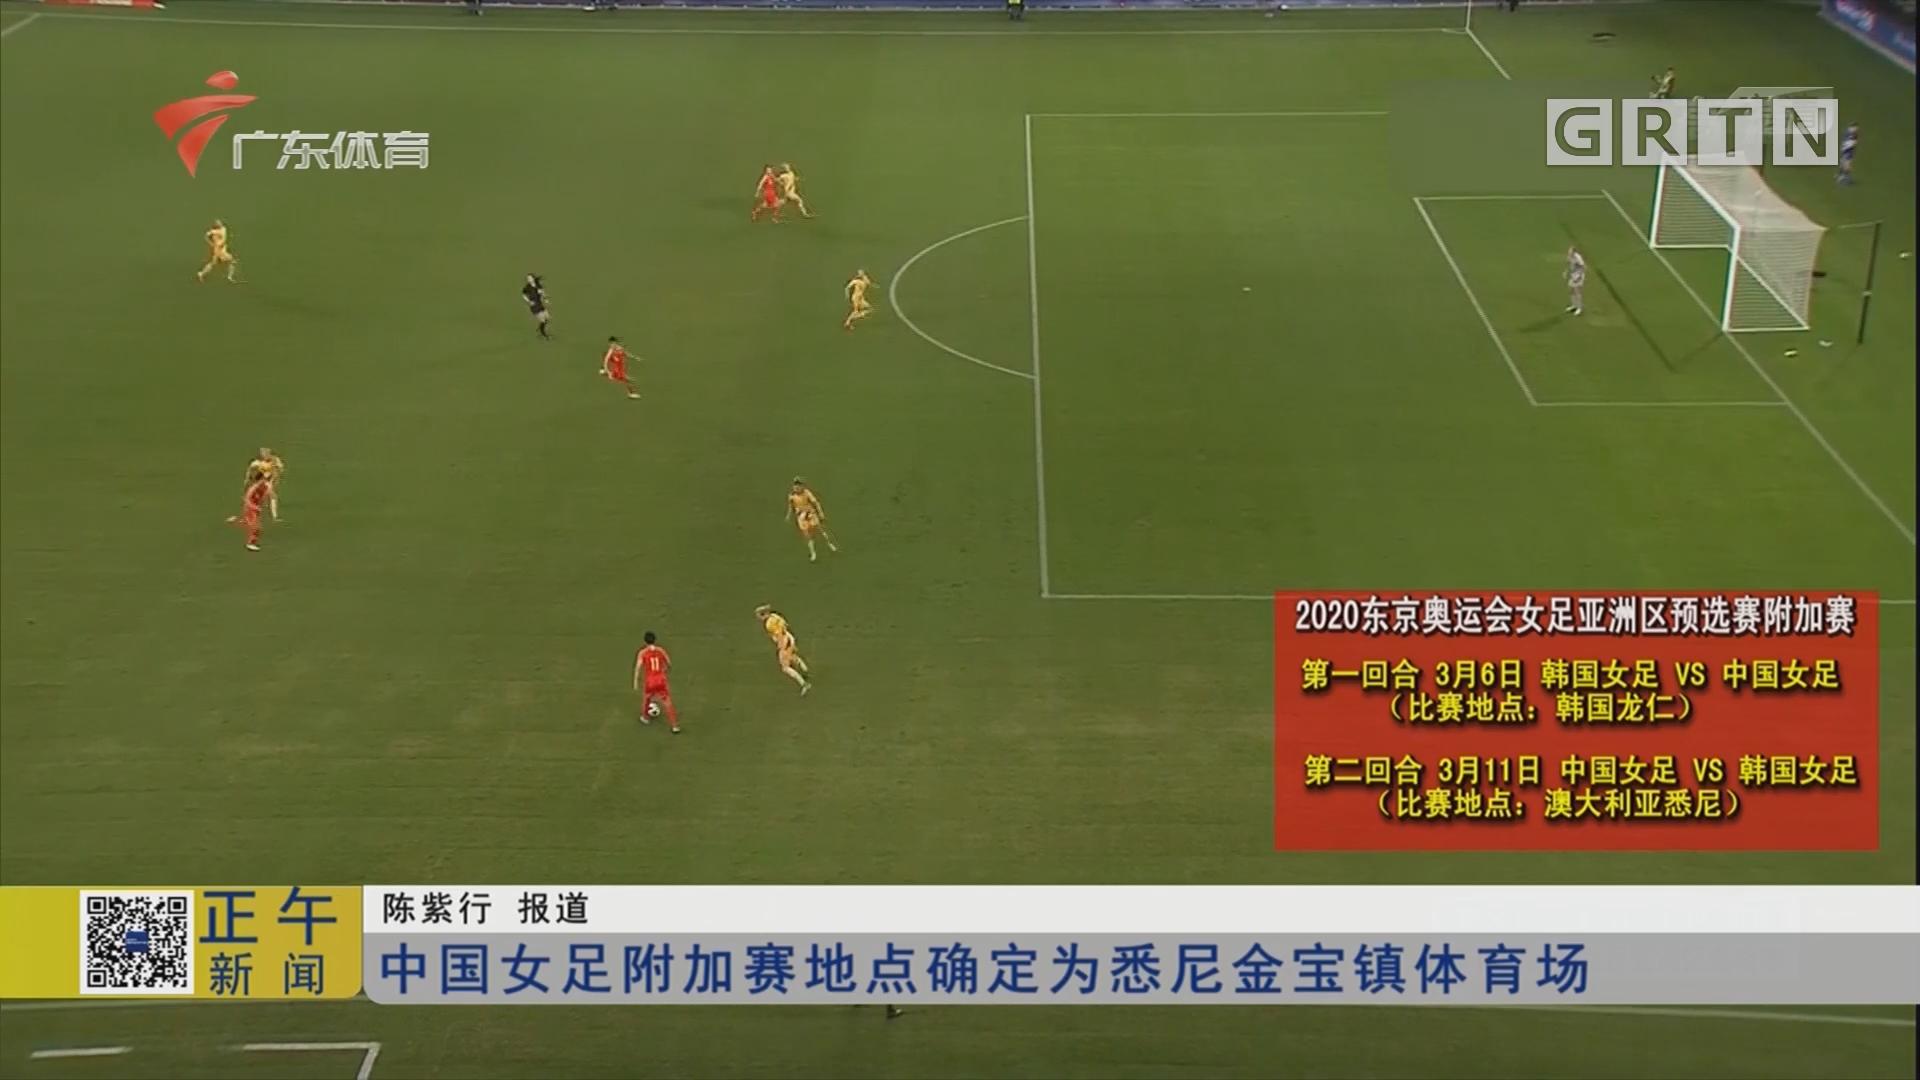 中国女足附加赛地点确定为悉尼金宝镇体育场